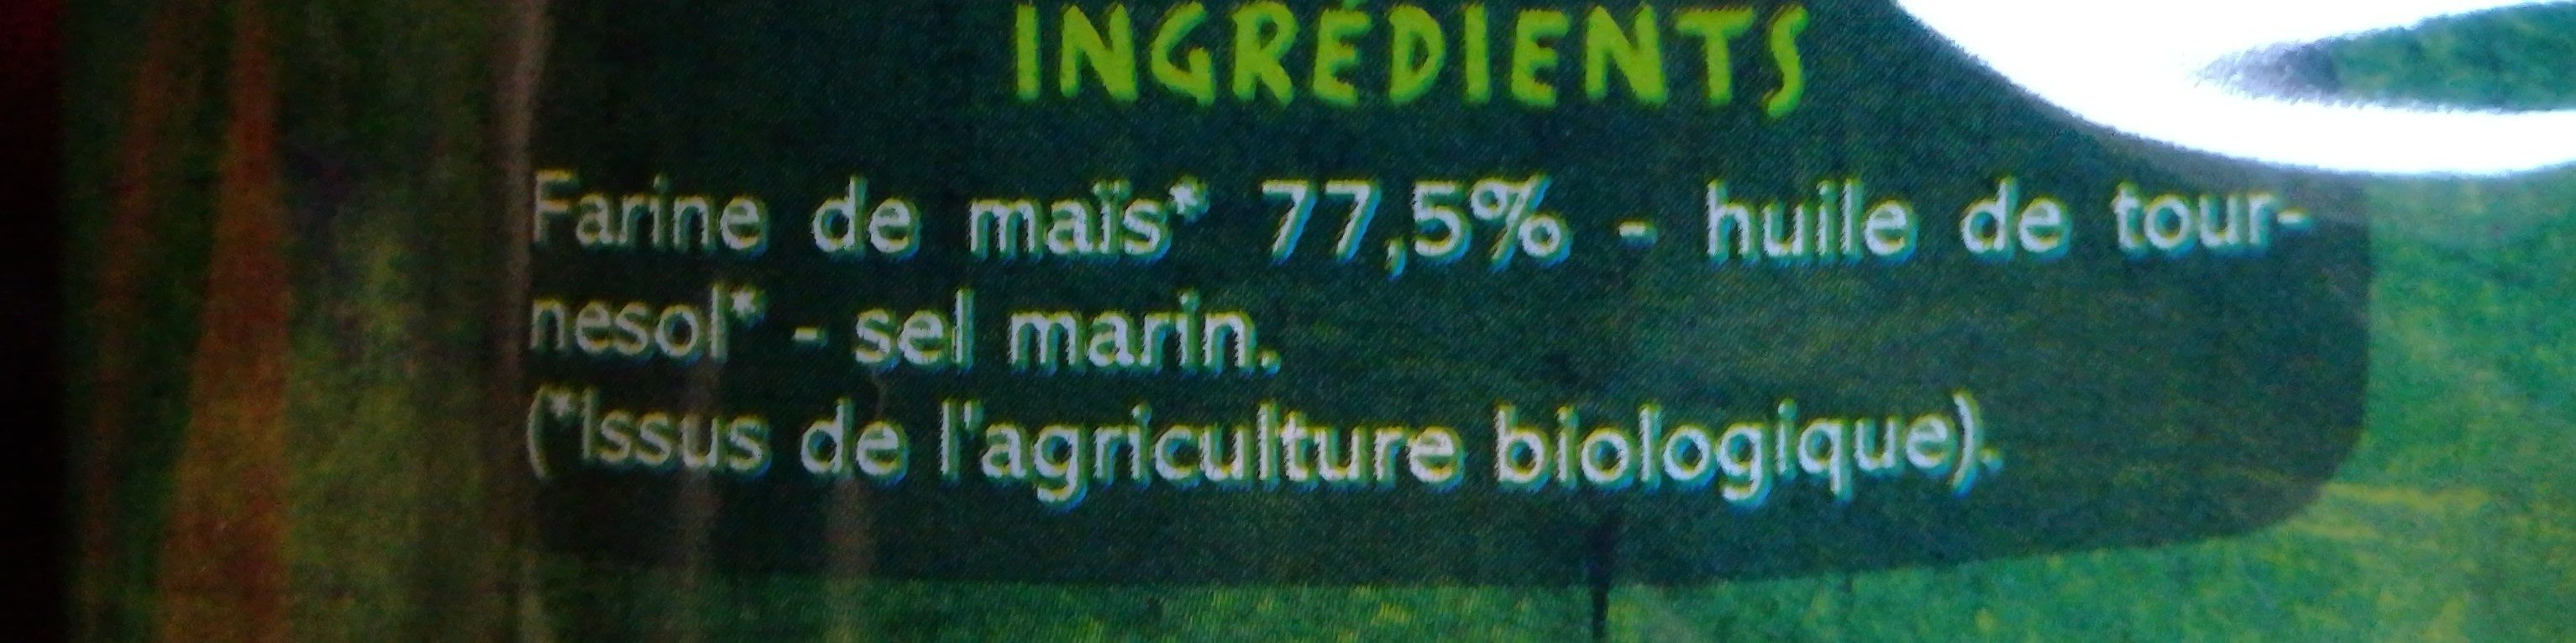 Tortillas chips - Ingrediënten - fr